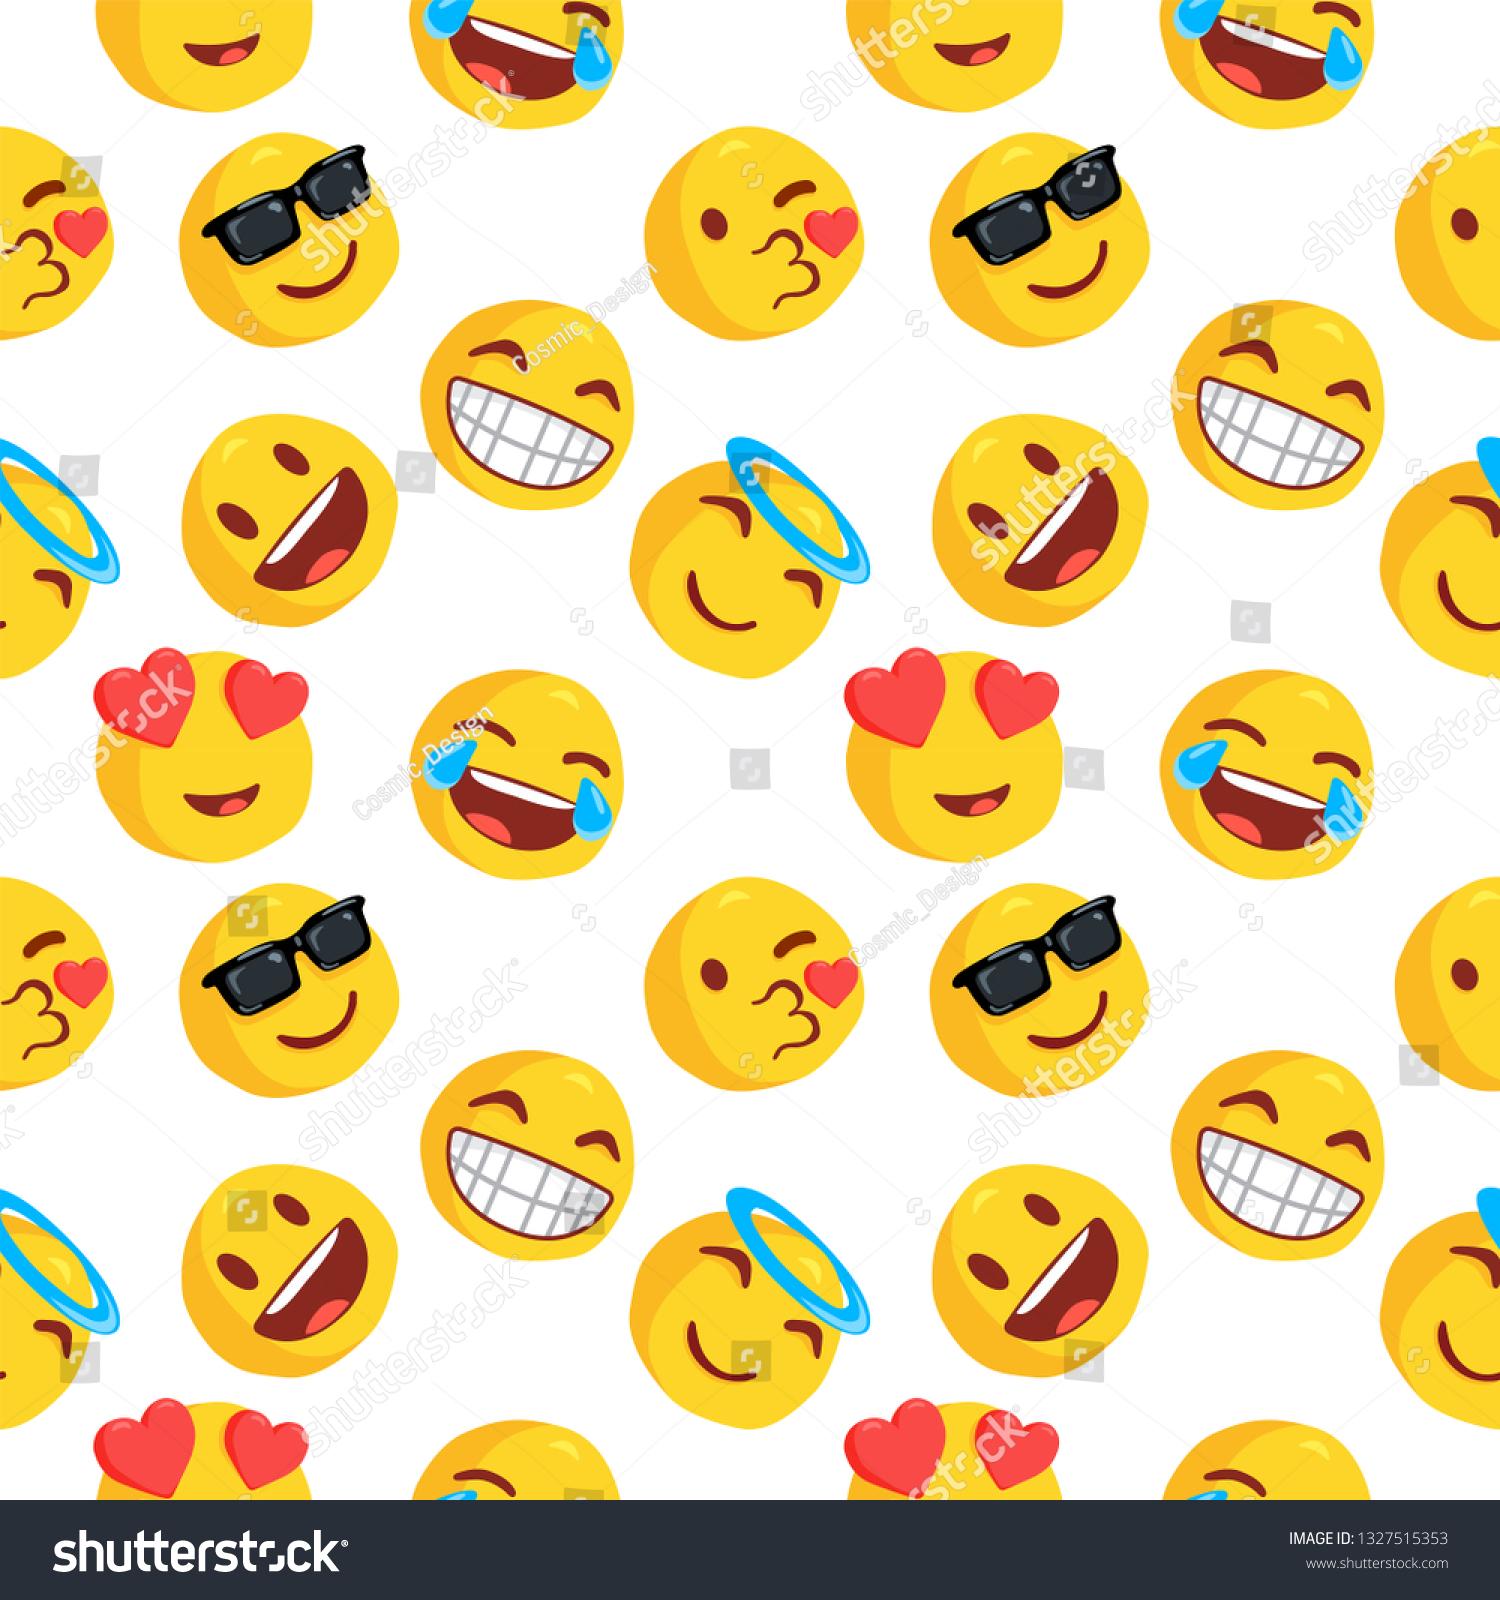 Image Vectorielle De Stock De Emoticon Emoji Pattern Emoji Vector